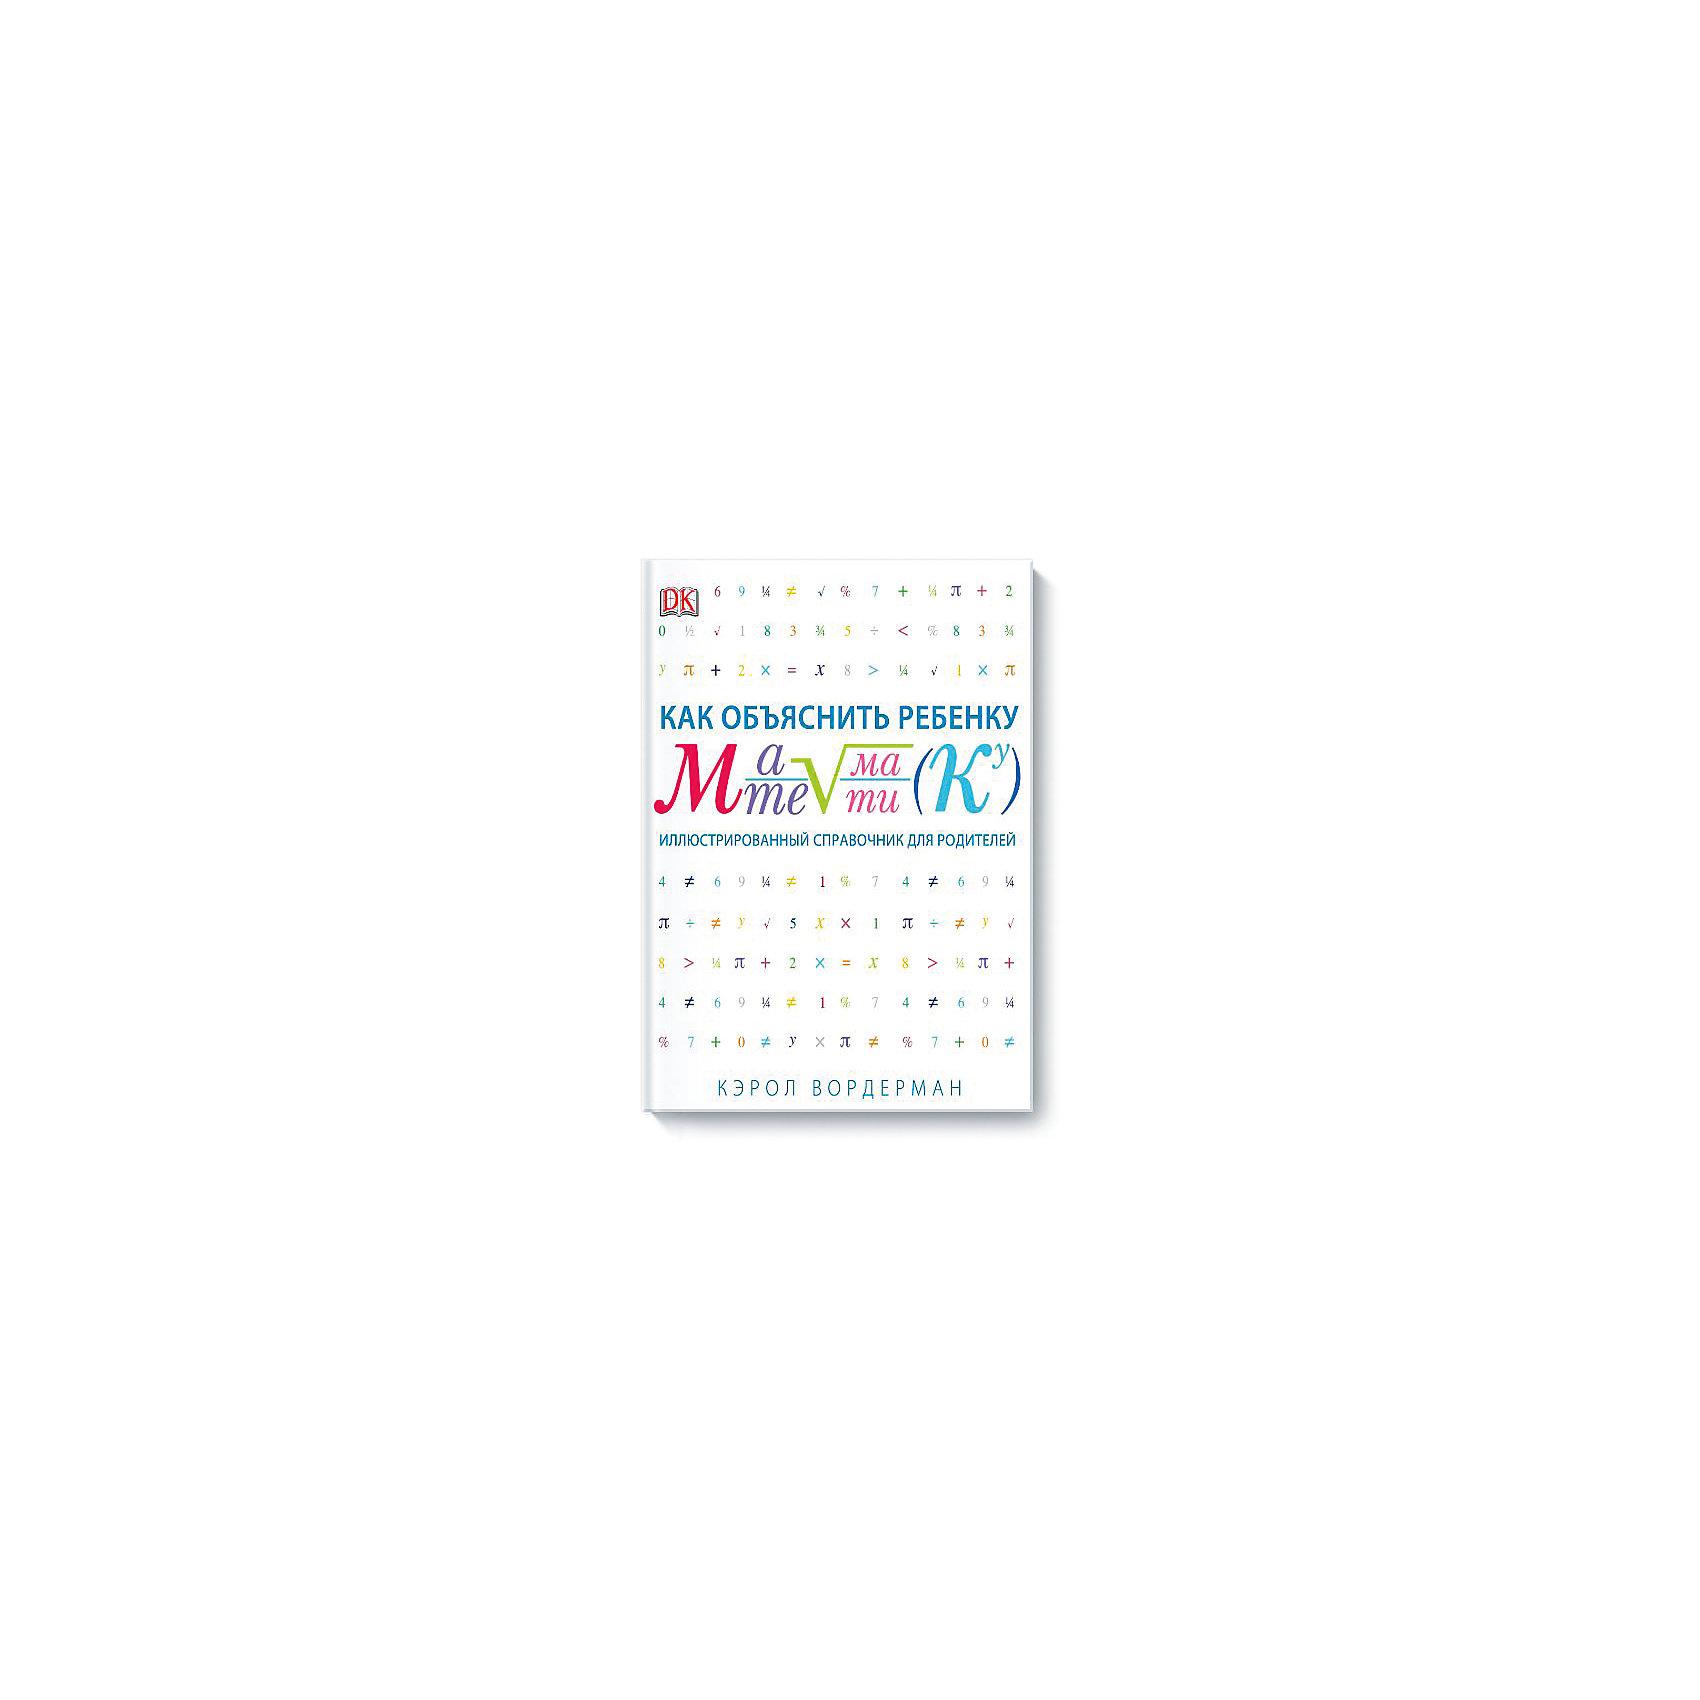 Книга Как объяснить ребенку математику: Иллюстрированный справочник для родителейКниги для родителей<br>Книга написана в помощь родителям, которые не знают, как объяснить детям основные понятия математики, геометрии, тригонометрии, статистики.  Здесь в доступной, наглядной форме излагается теоретический материал, с которым знакомятся дети в начальной и средней школе.<br><br>Ширина мм: 240<br>Глубина мм: 200<br>Высота мм: 180<br>Вес г: 665<br>Возраст от месяцев: 192<br>Возраст до месяцев: 1188<br>Пол: Унисекс<br>Возраст: Детский<br>SKU: 5535118